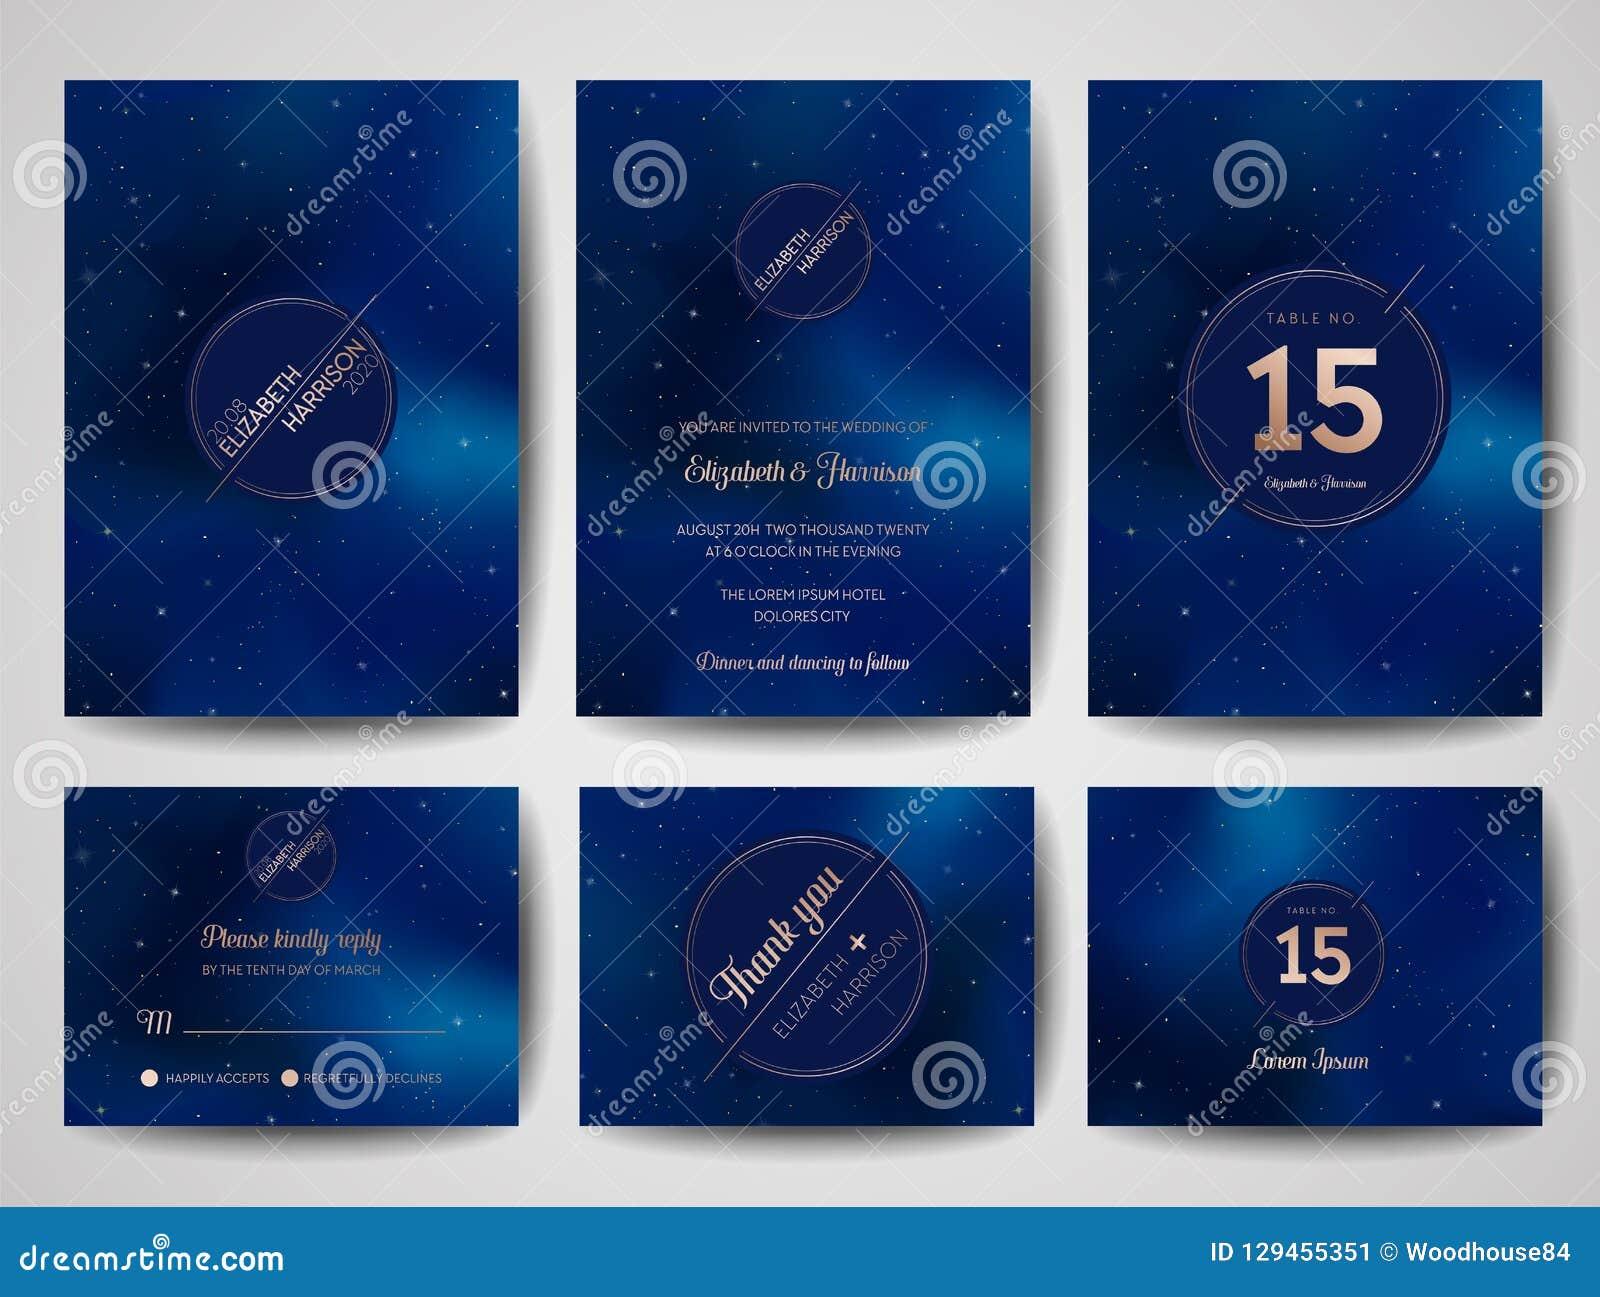 O cartão na moda do convite do casamento do céu noturno estrelado, salvar o monograma Celestial Template da data da galáxia, espa